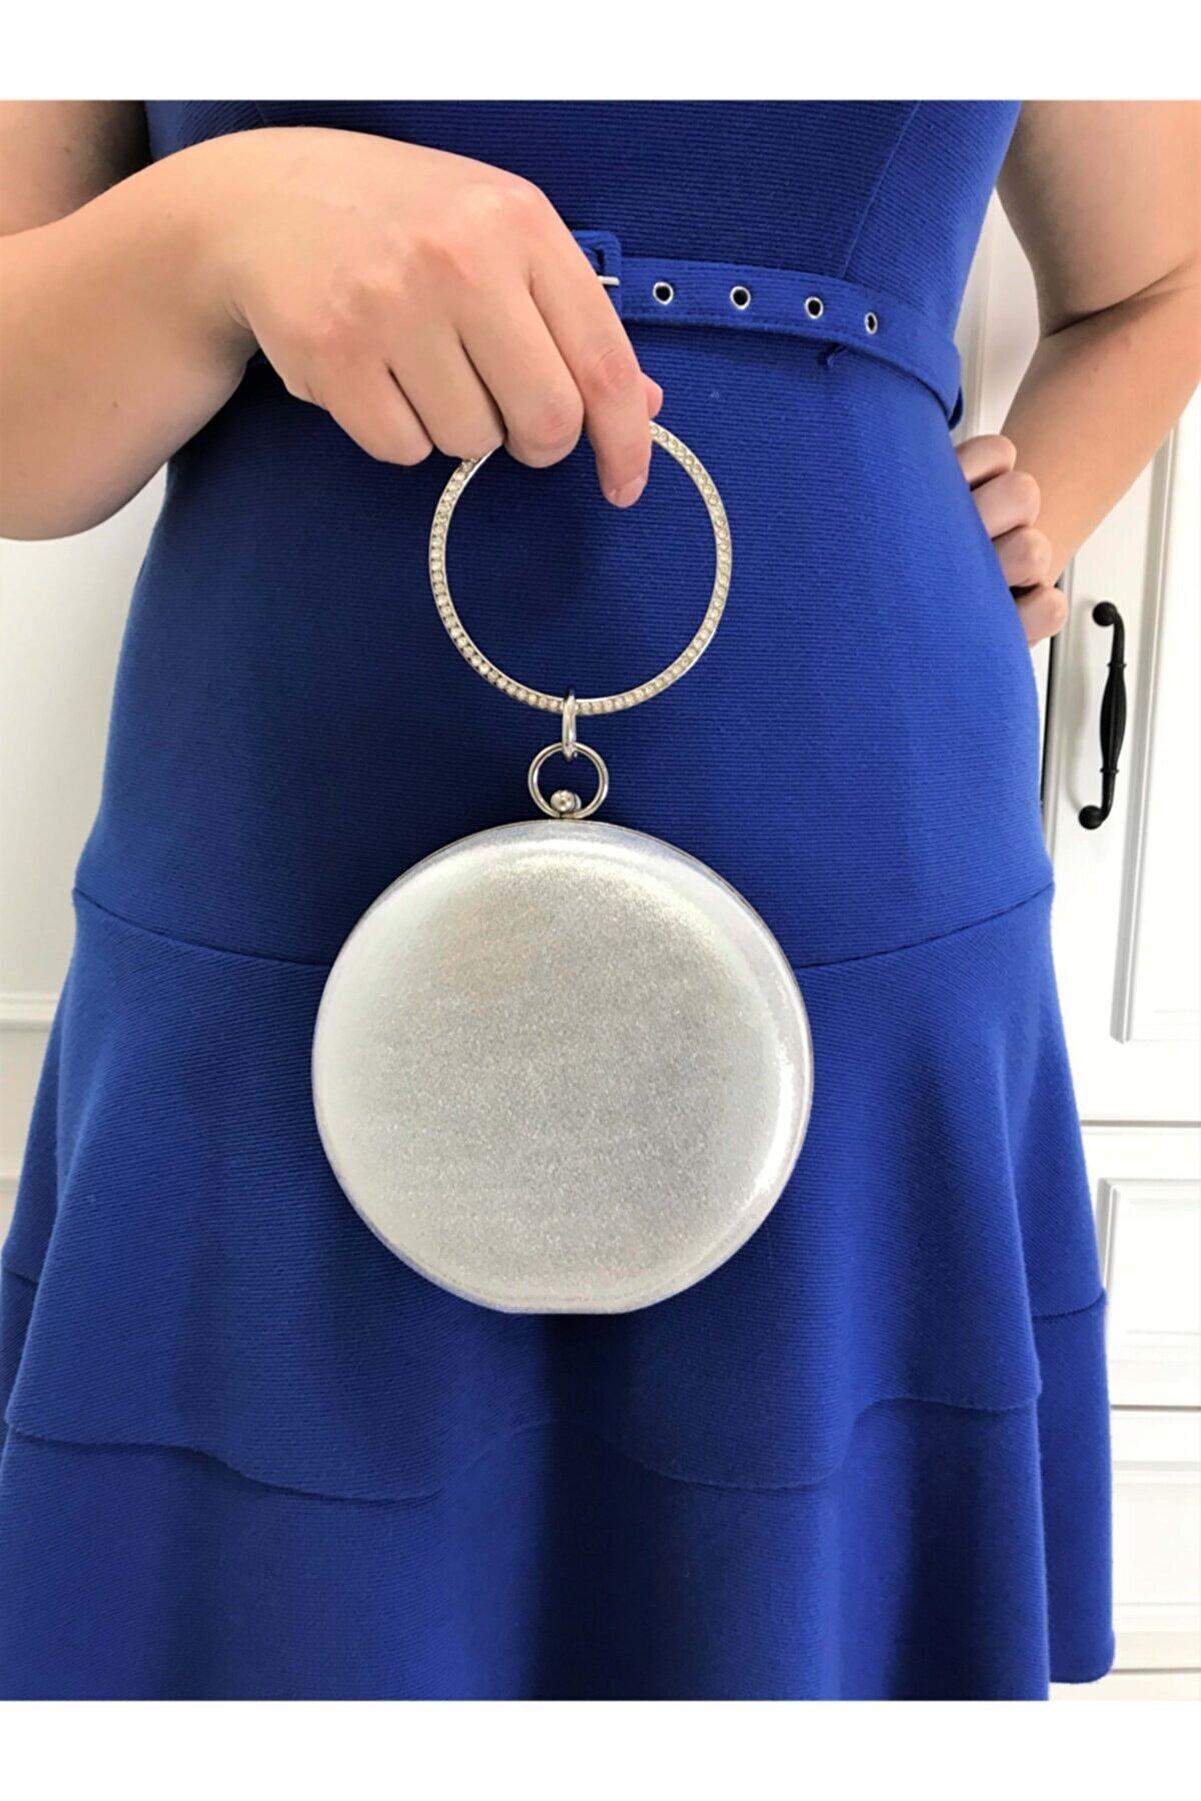 womenacs Gümüş Renk Sıvama Taşlı Işlemeli Kadın Abiye Portföy Clutch Çanta